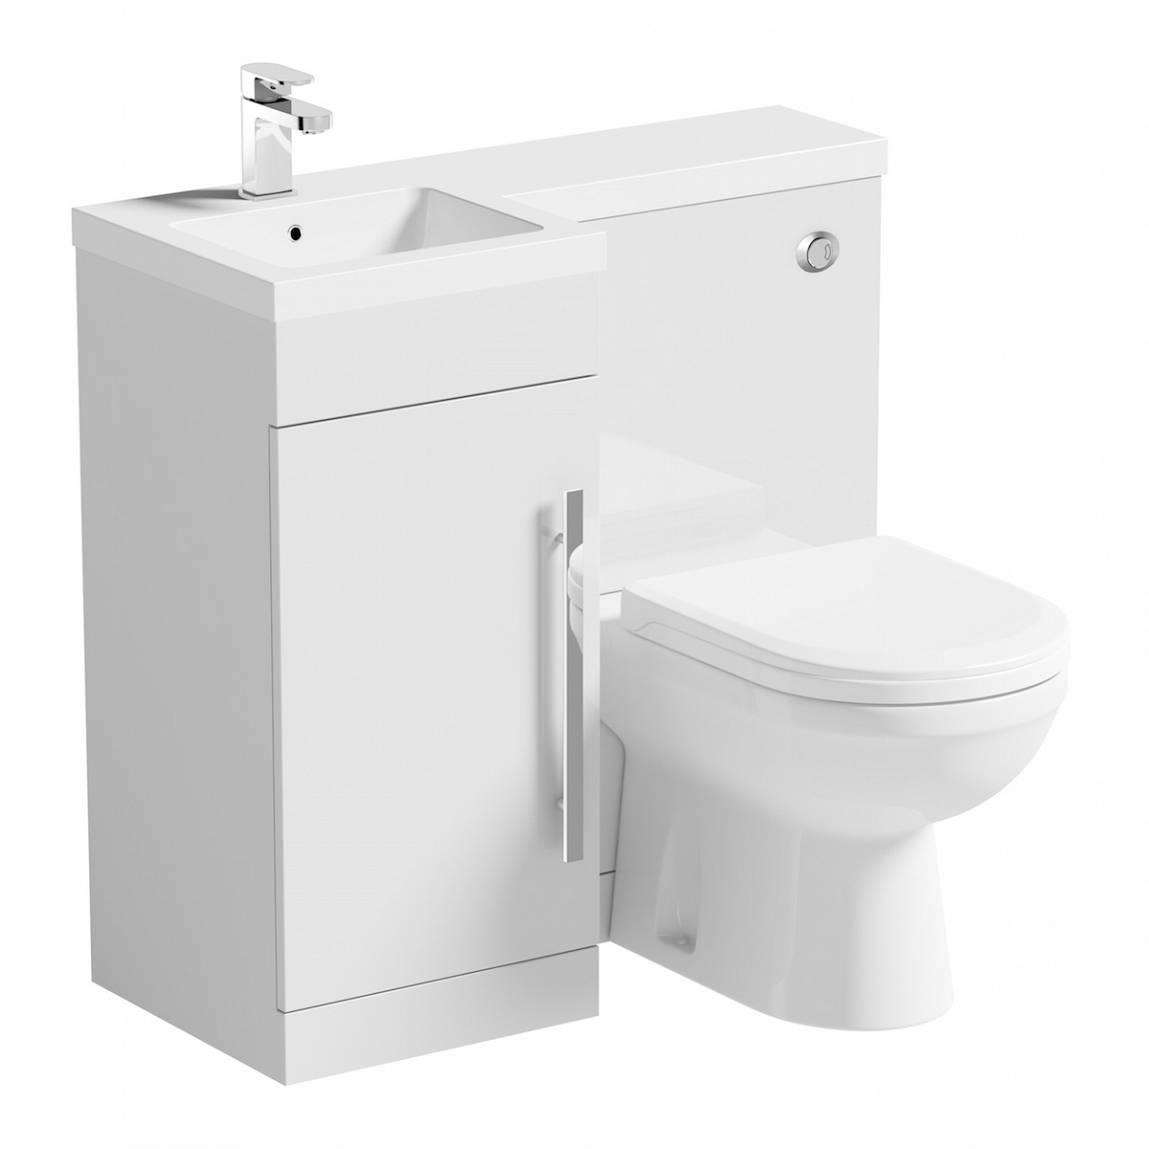 Image of MySpace White Combination Unit LH with Autograph BTW Toilet